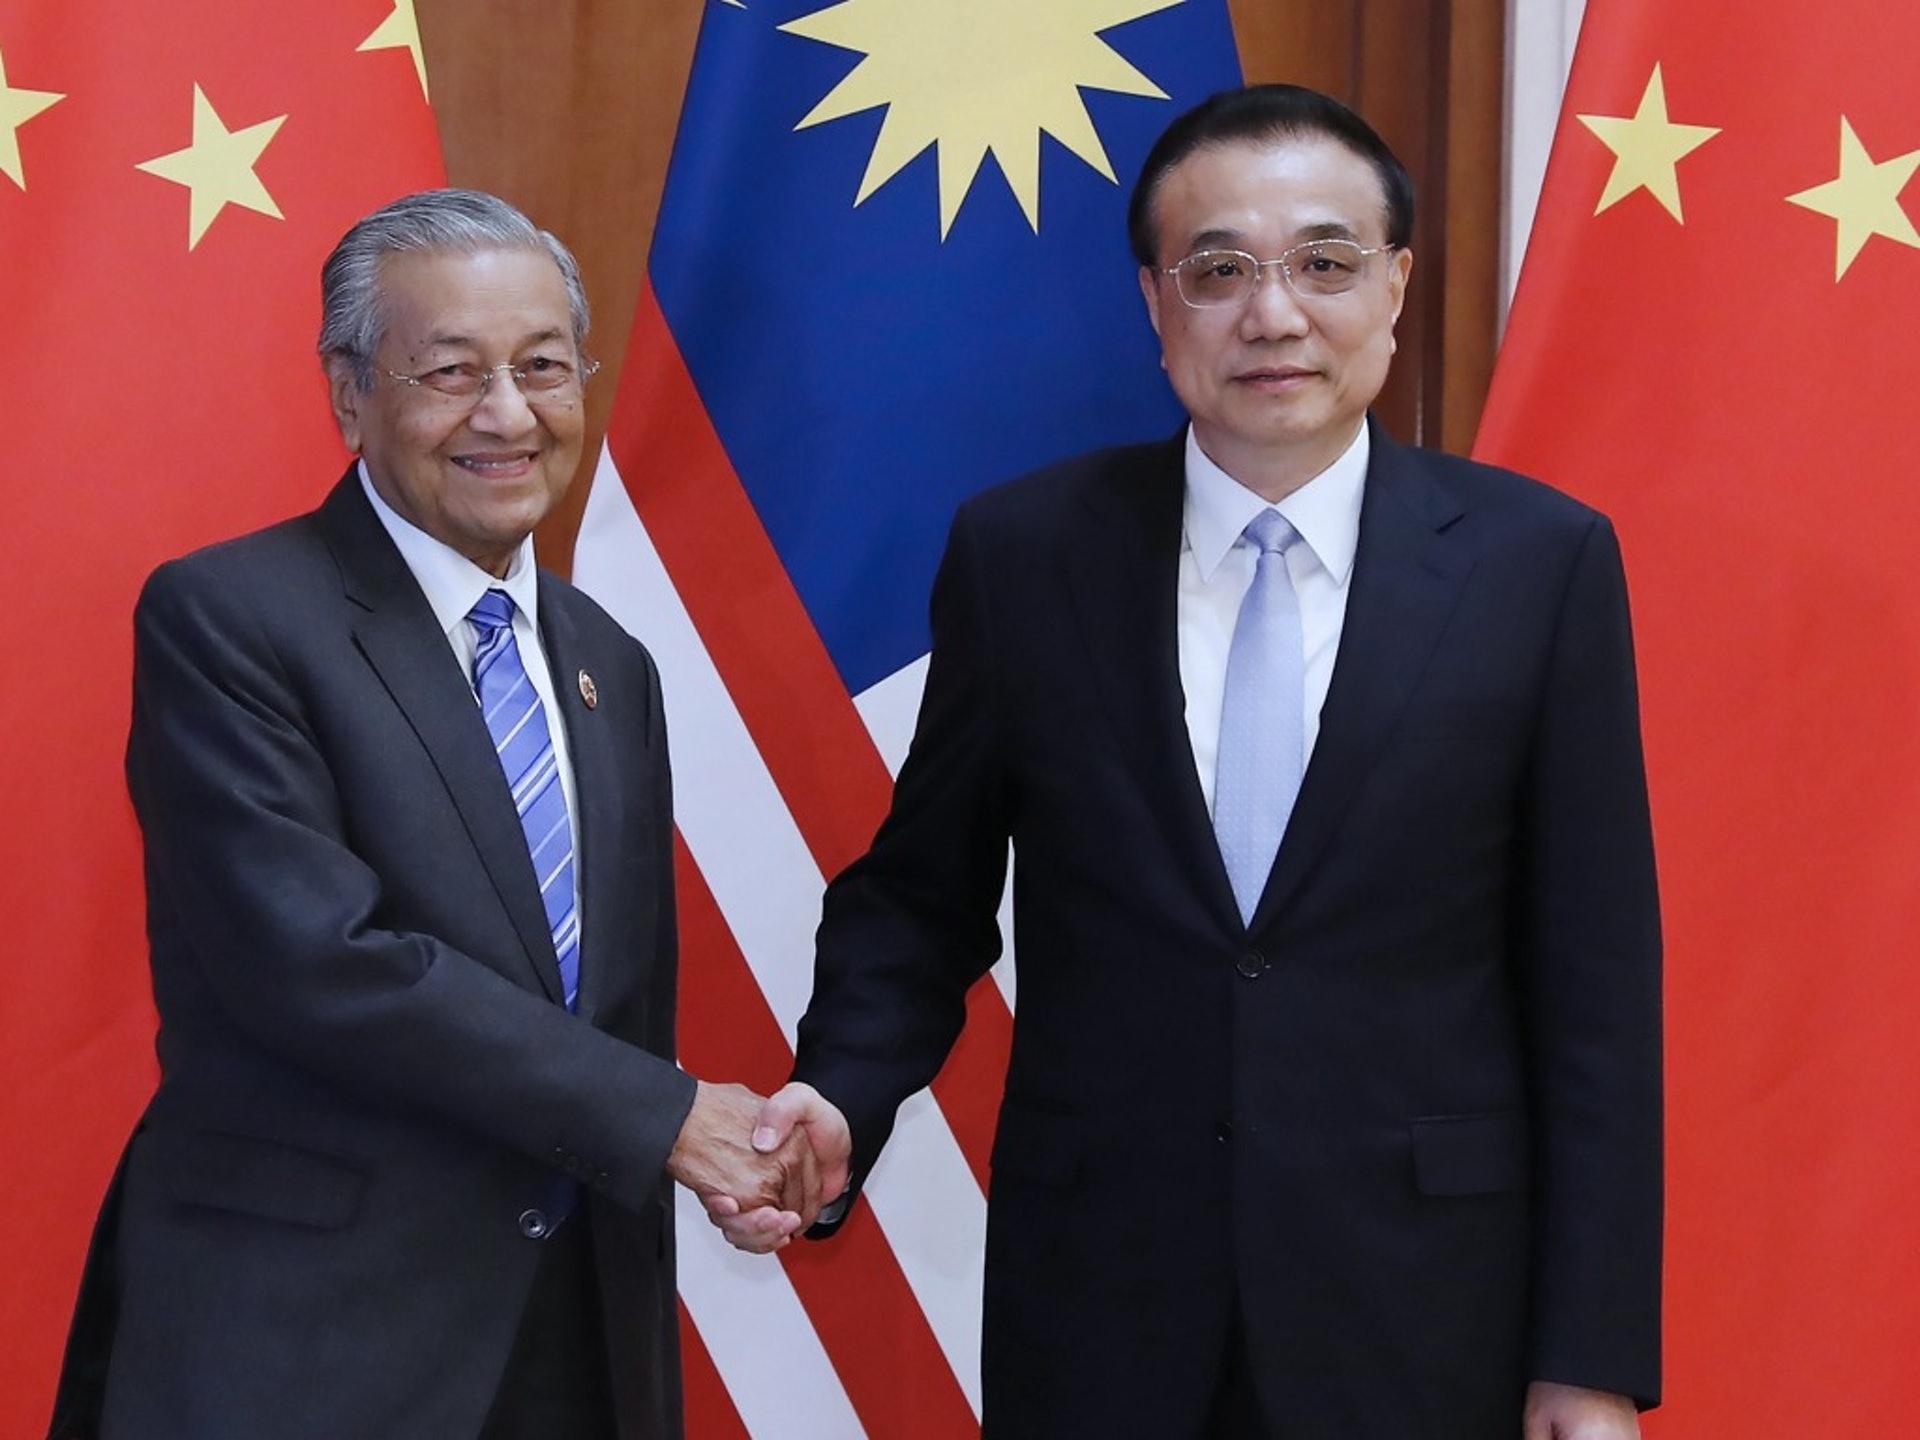 很多分析人士認為馬哈蒂爾(左)健康不佳,但出乎外界預料的是,這位耄耋之年的老人仍能精力十足地四處訪問,圖為他2019年訪華時會見中國總理李克強。(新華社)